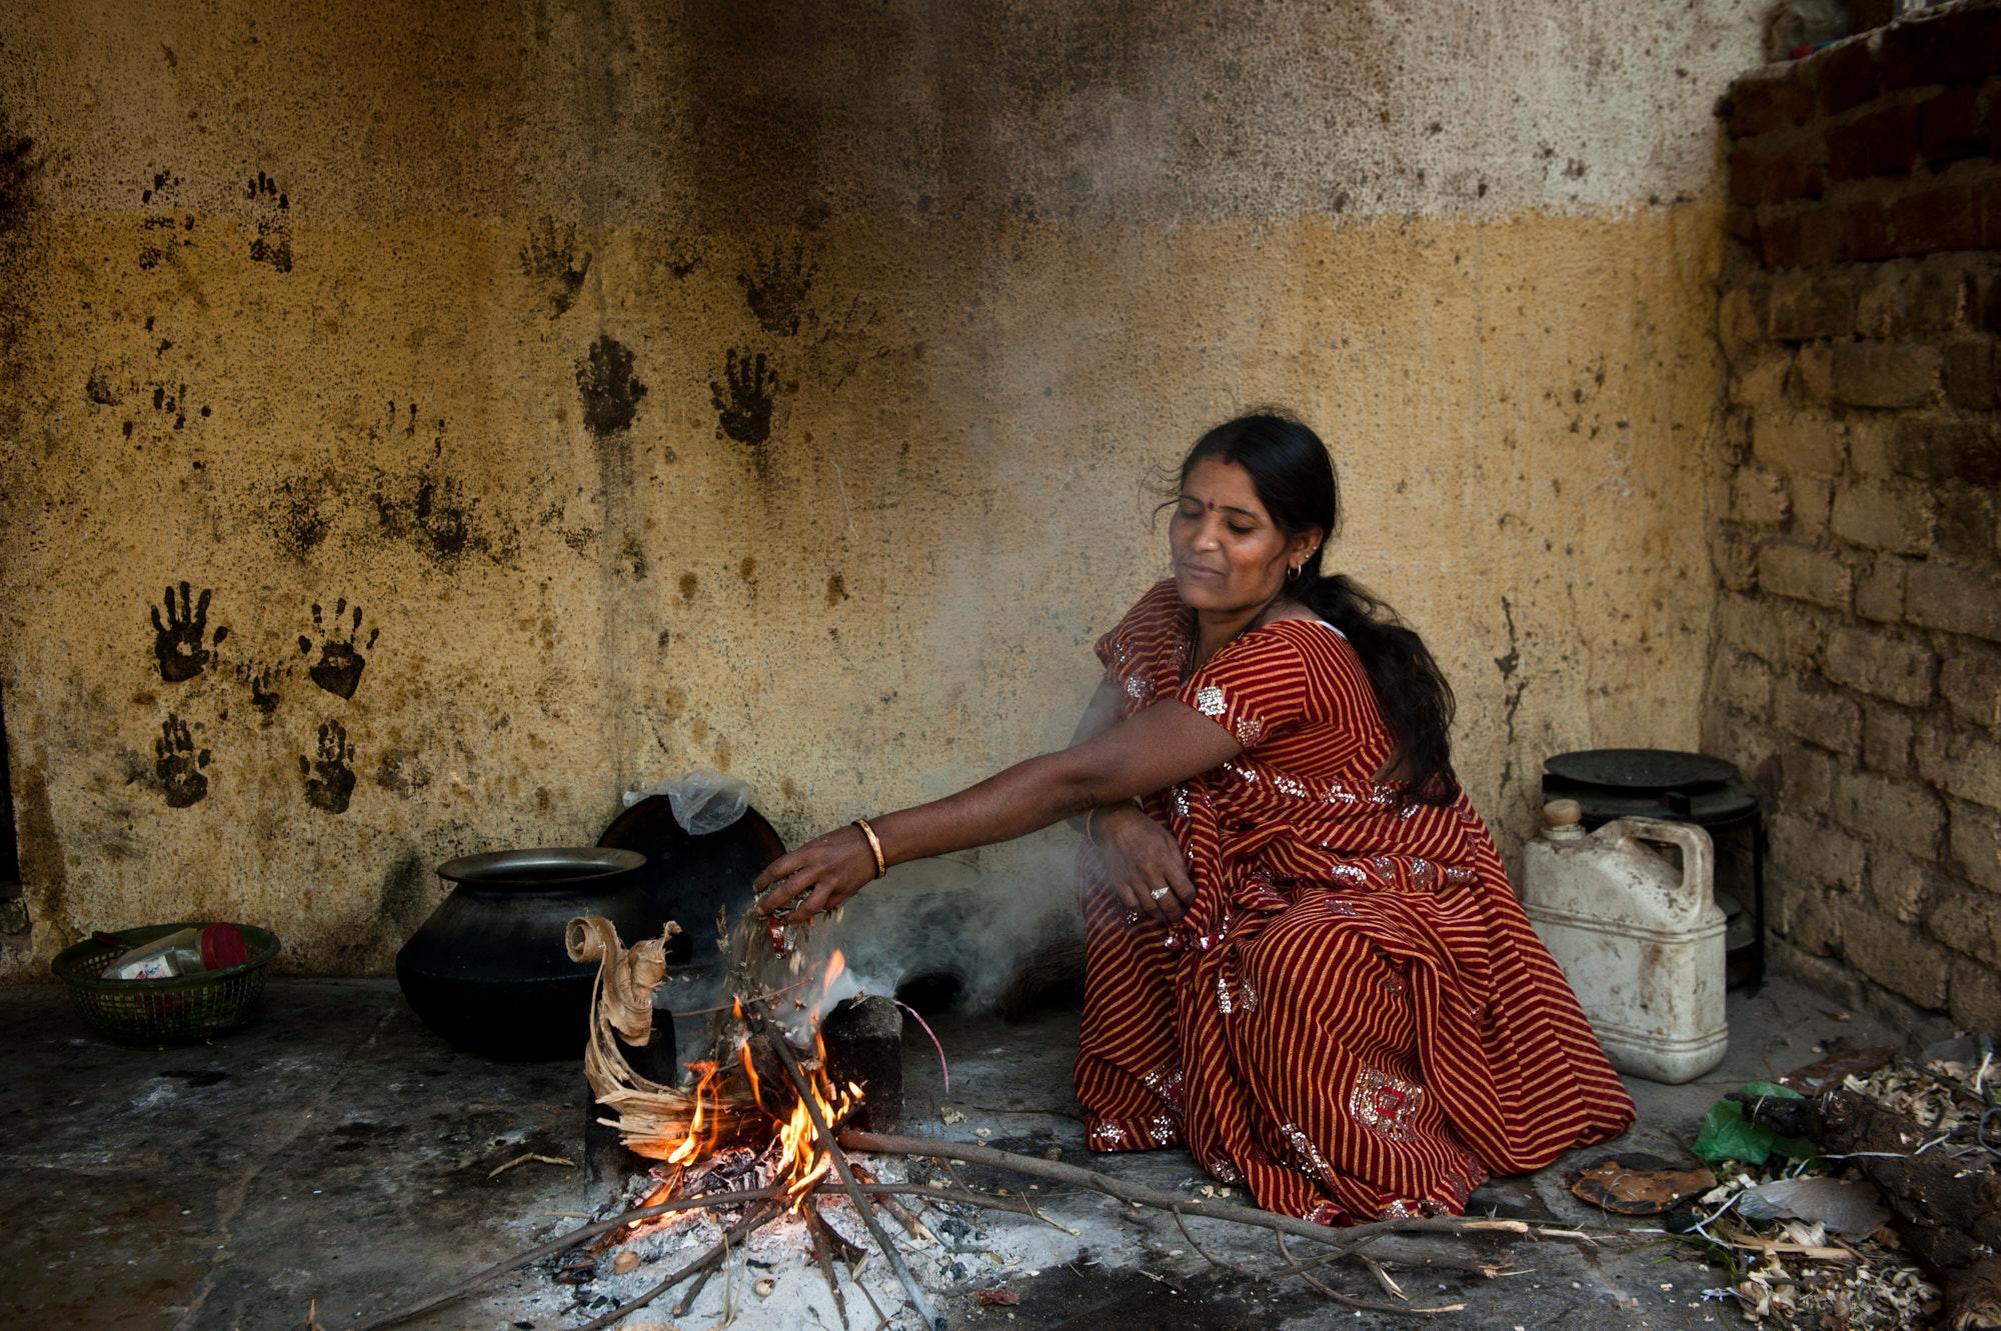 Kochen über offenem Feuer birgt nicht nur grosse gesundheitliche Risiken, … Clean Cooking Alliance